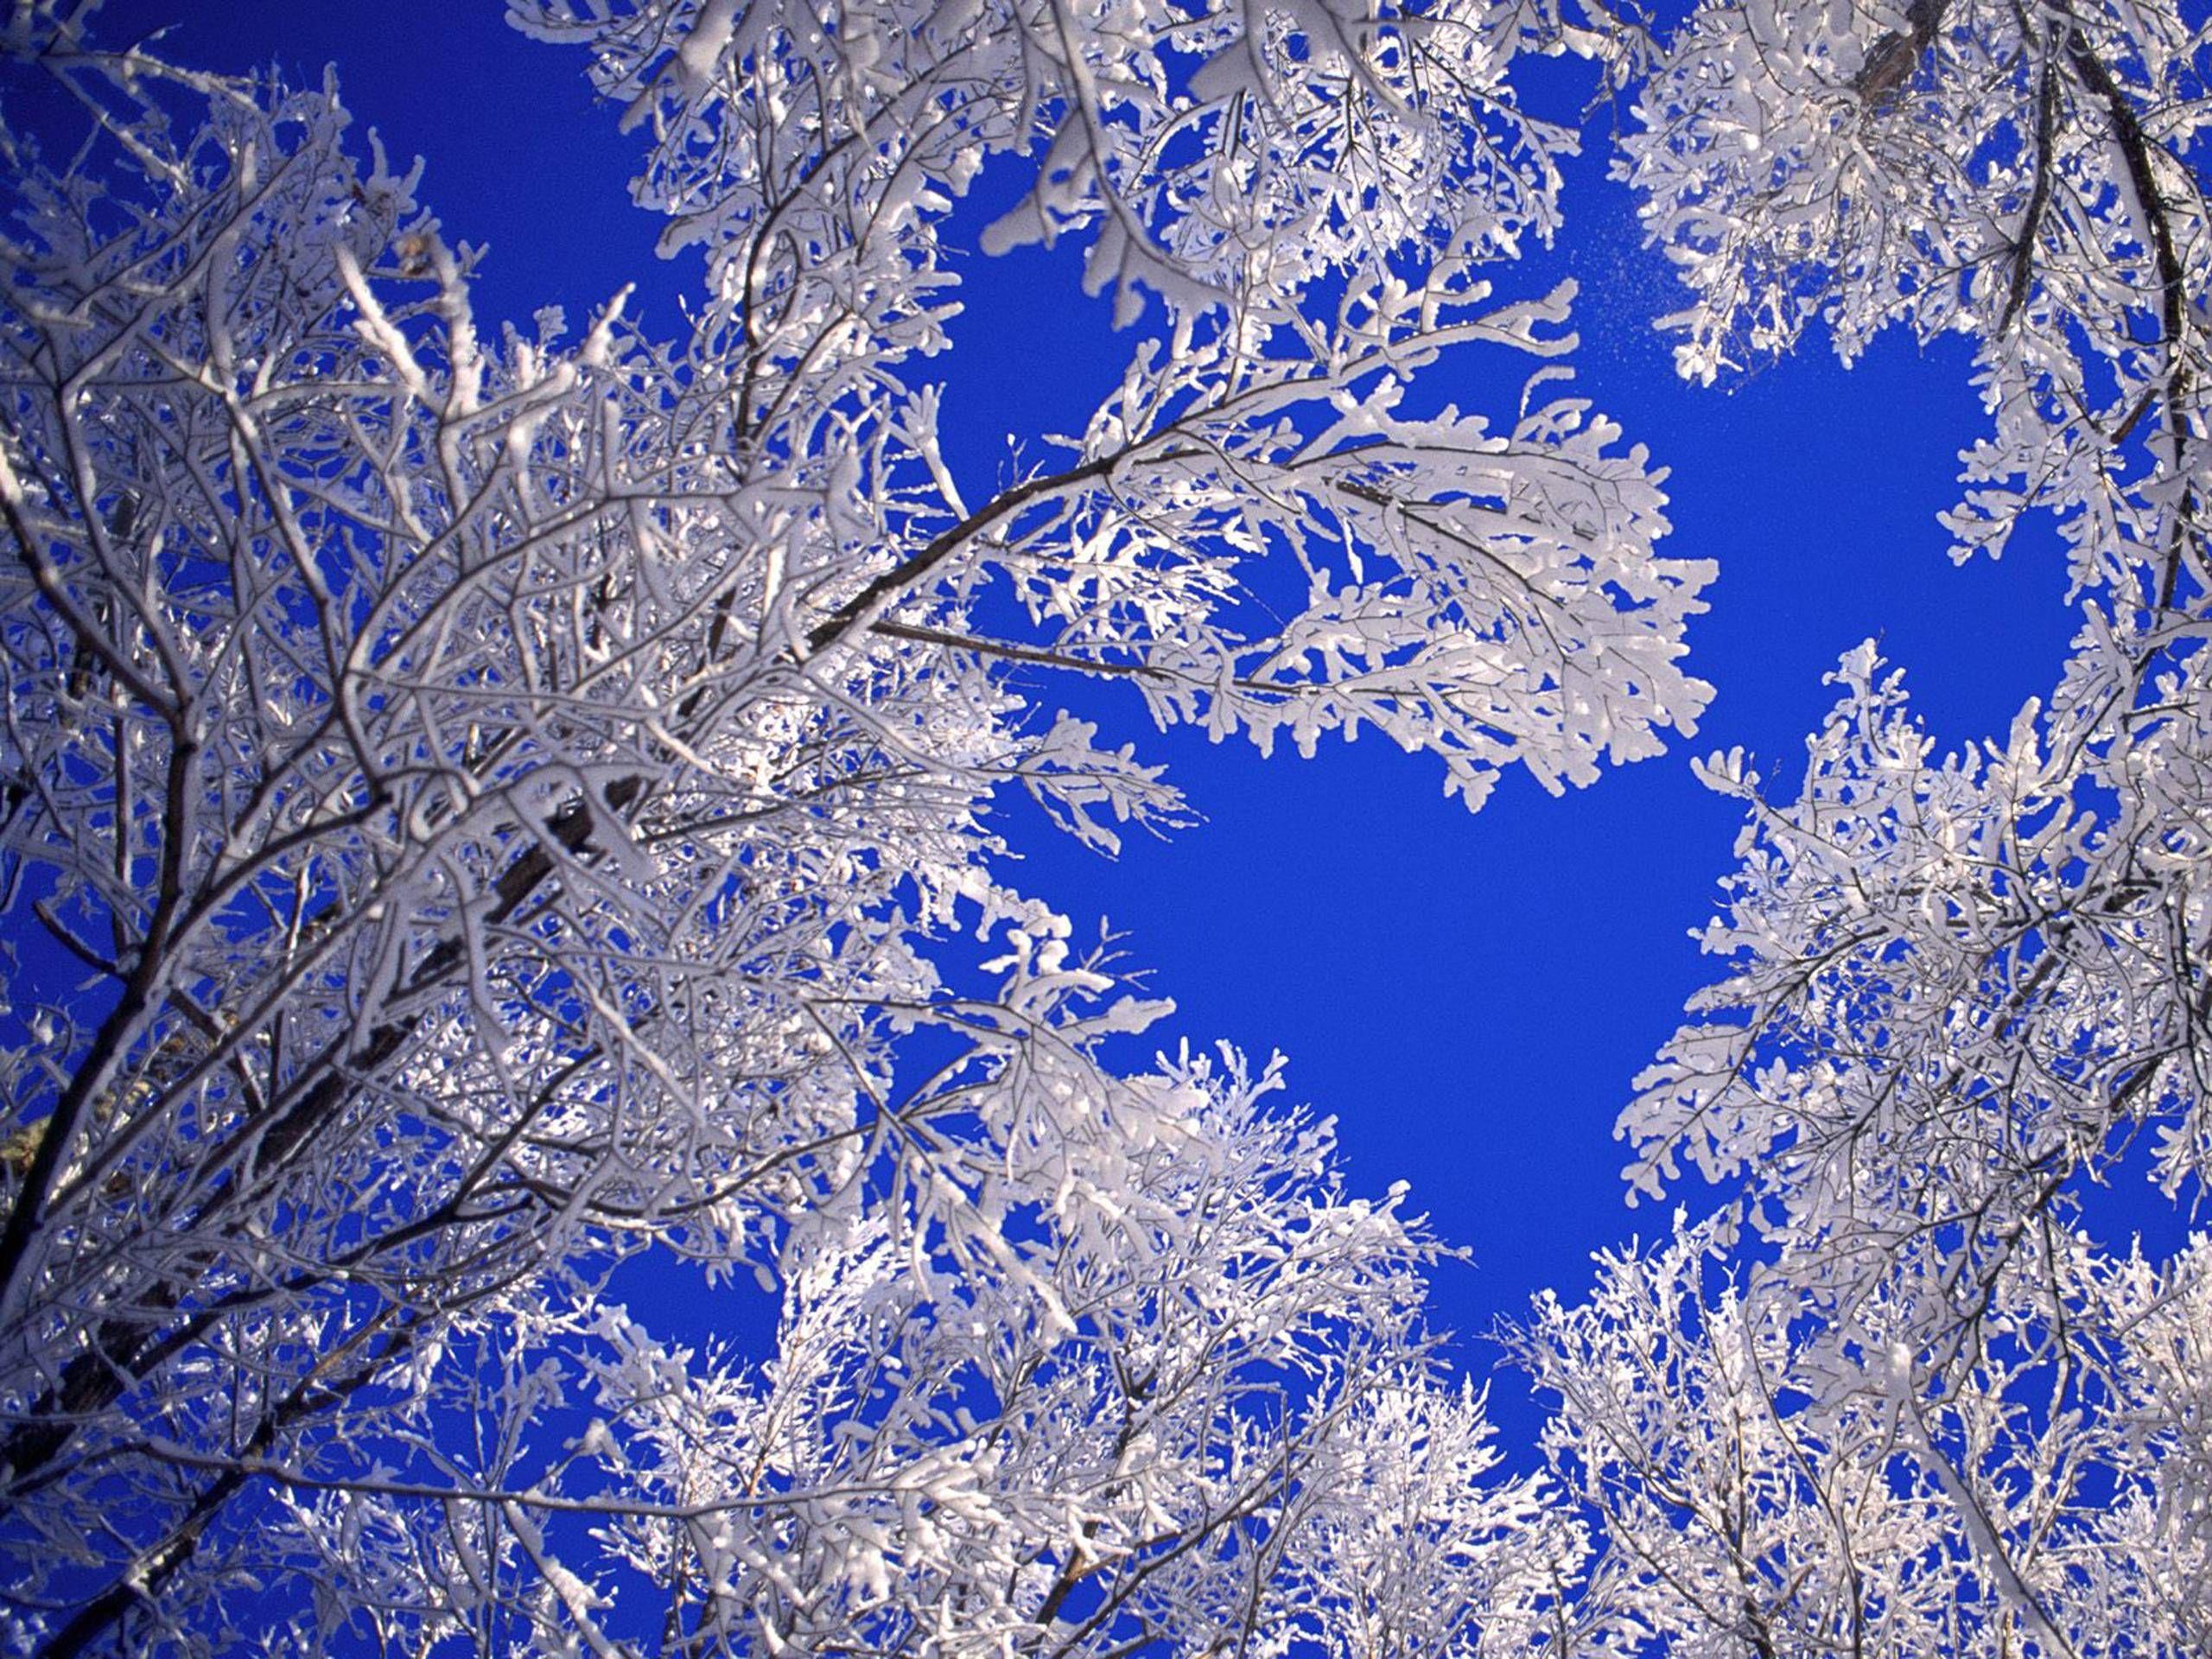 Free Desktop Wallpapers Winter Scenes Winter Pictures Tree Hd Wallpaper Winter Wallpaper